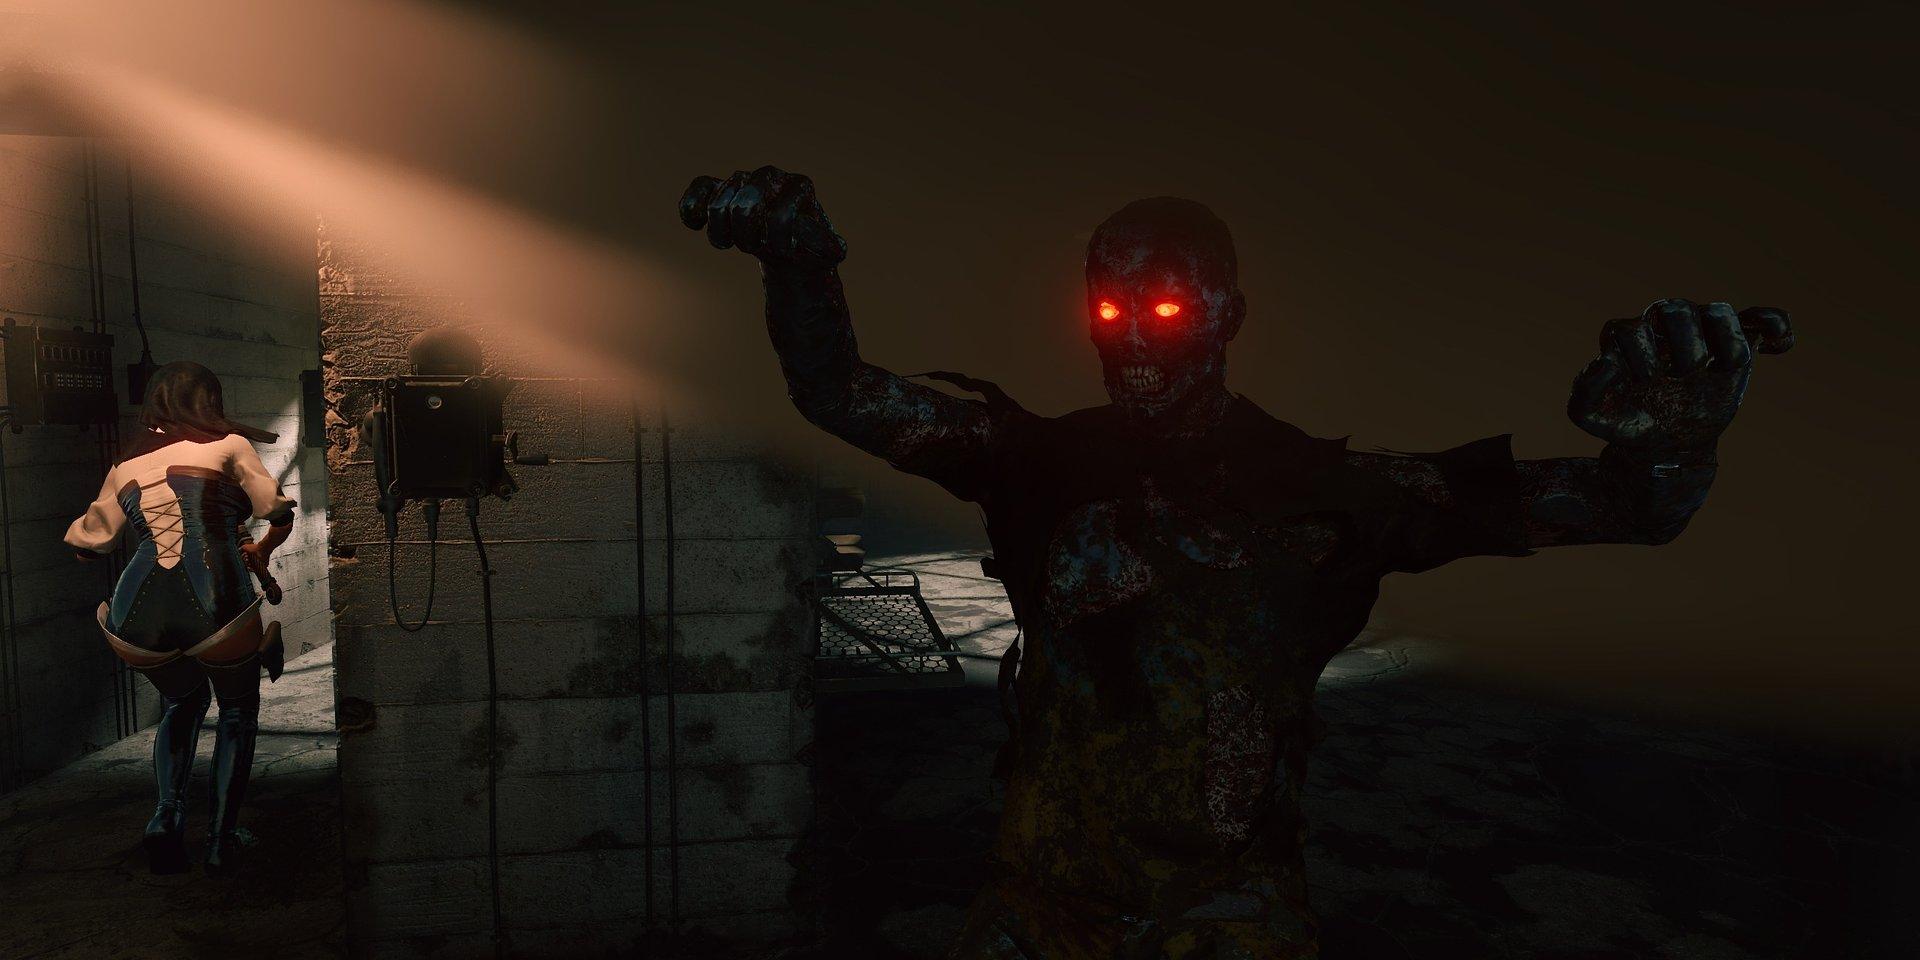 A Twitch felhasználók most tudnak zombi hordákat szabadon bocsátani a streamerekre